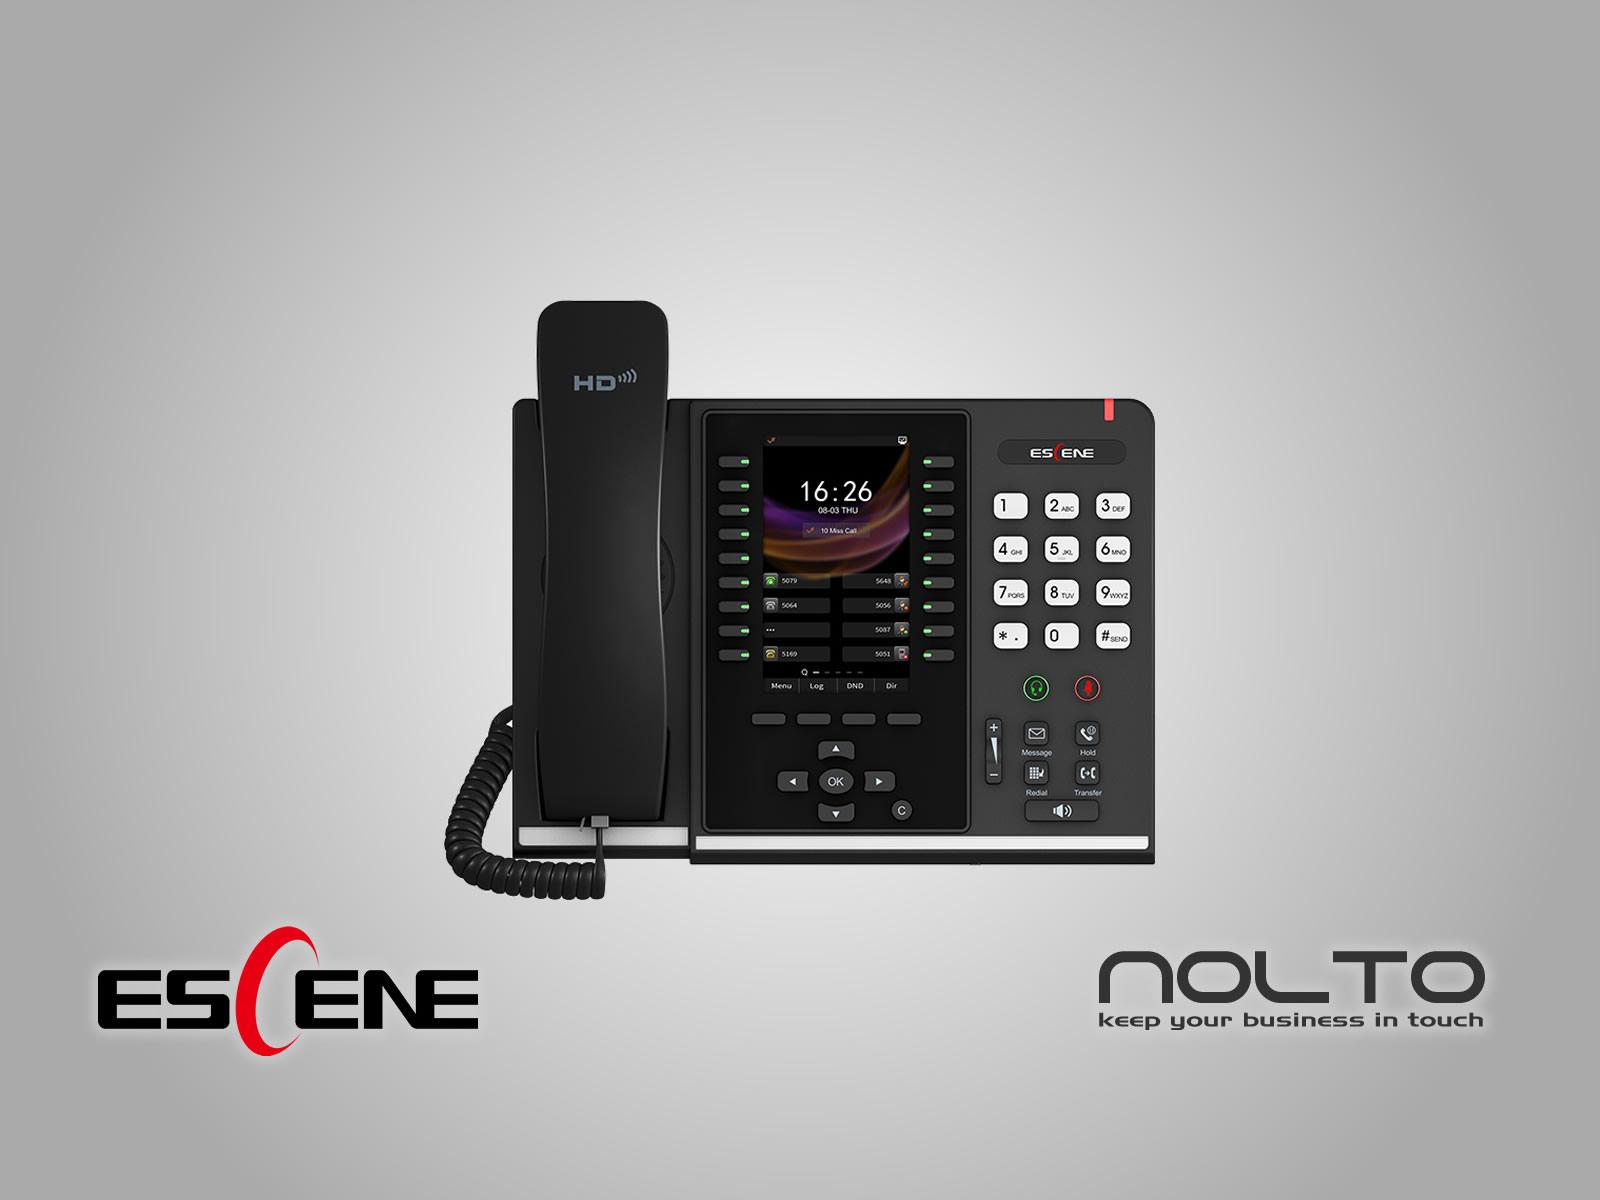 Escene ES680-PEGS IP Telefon